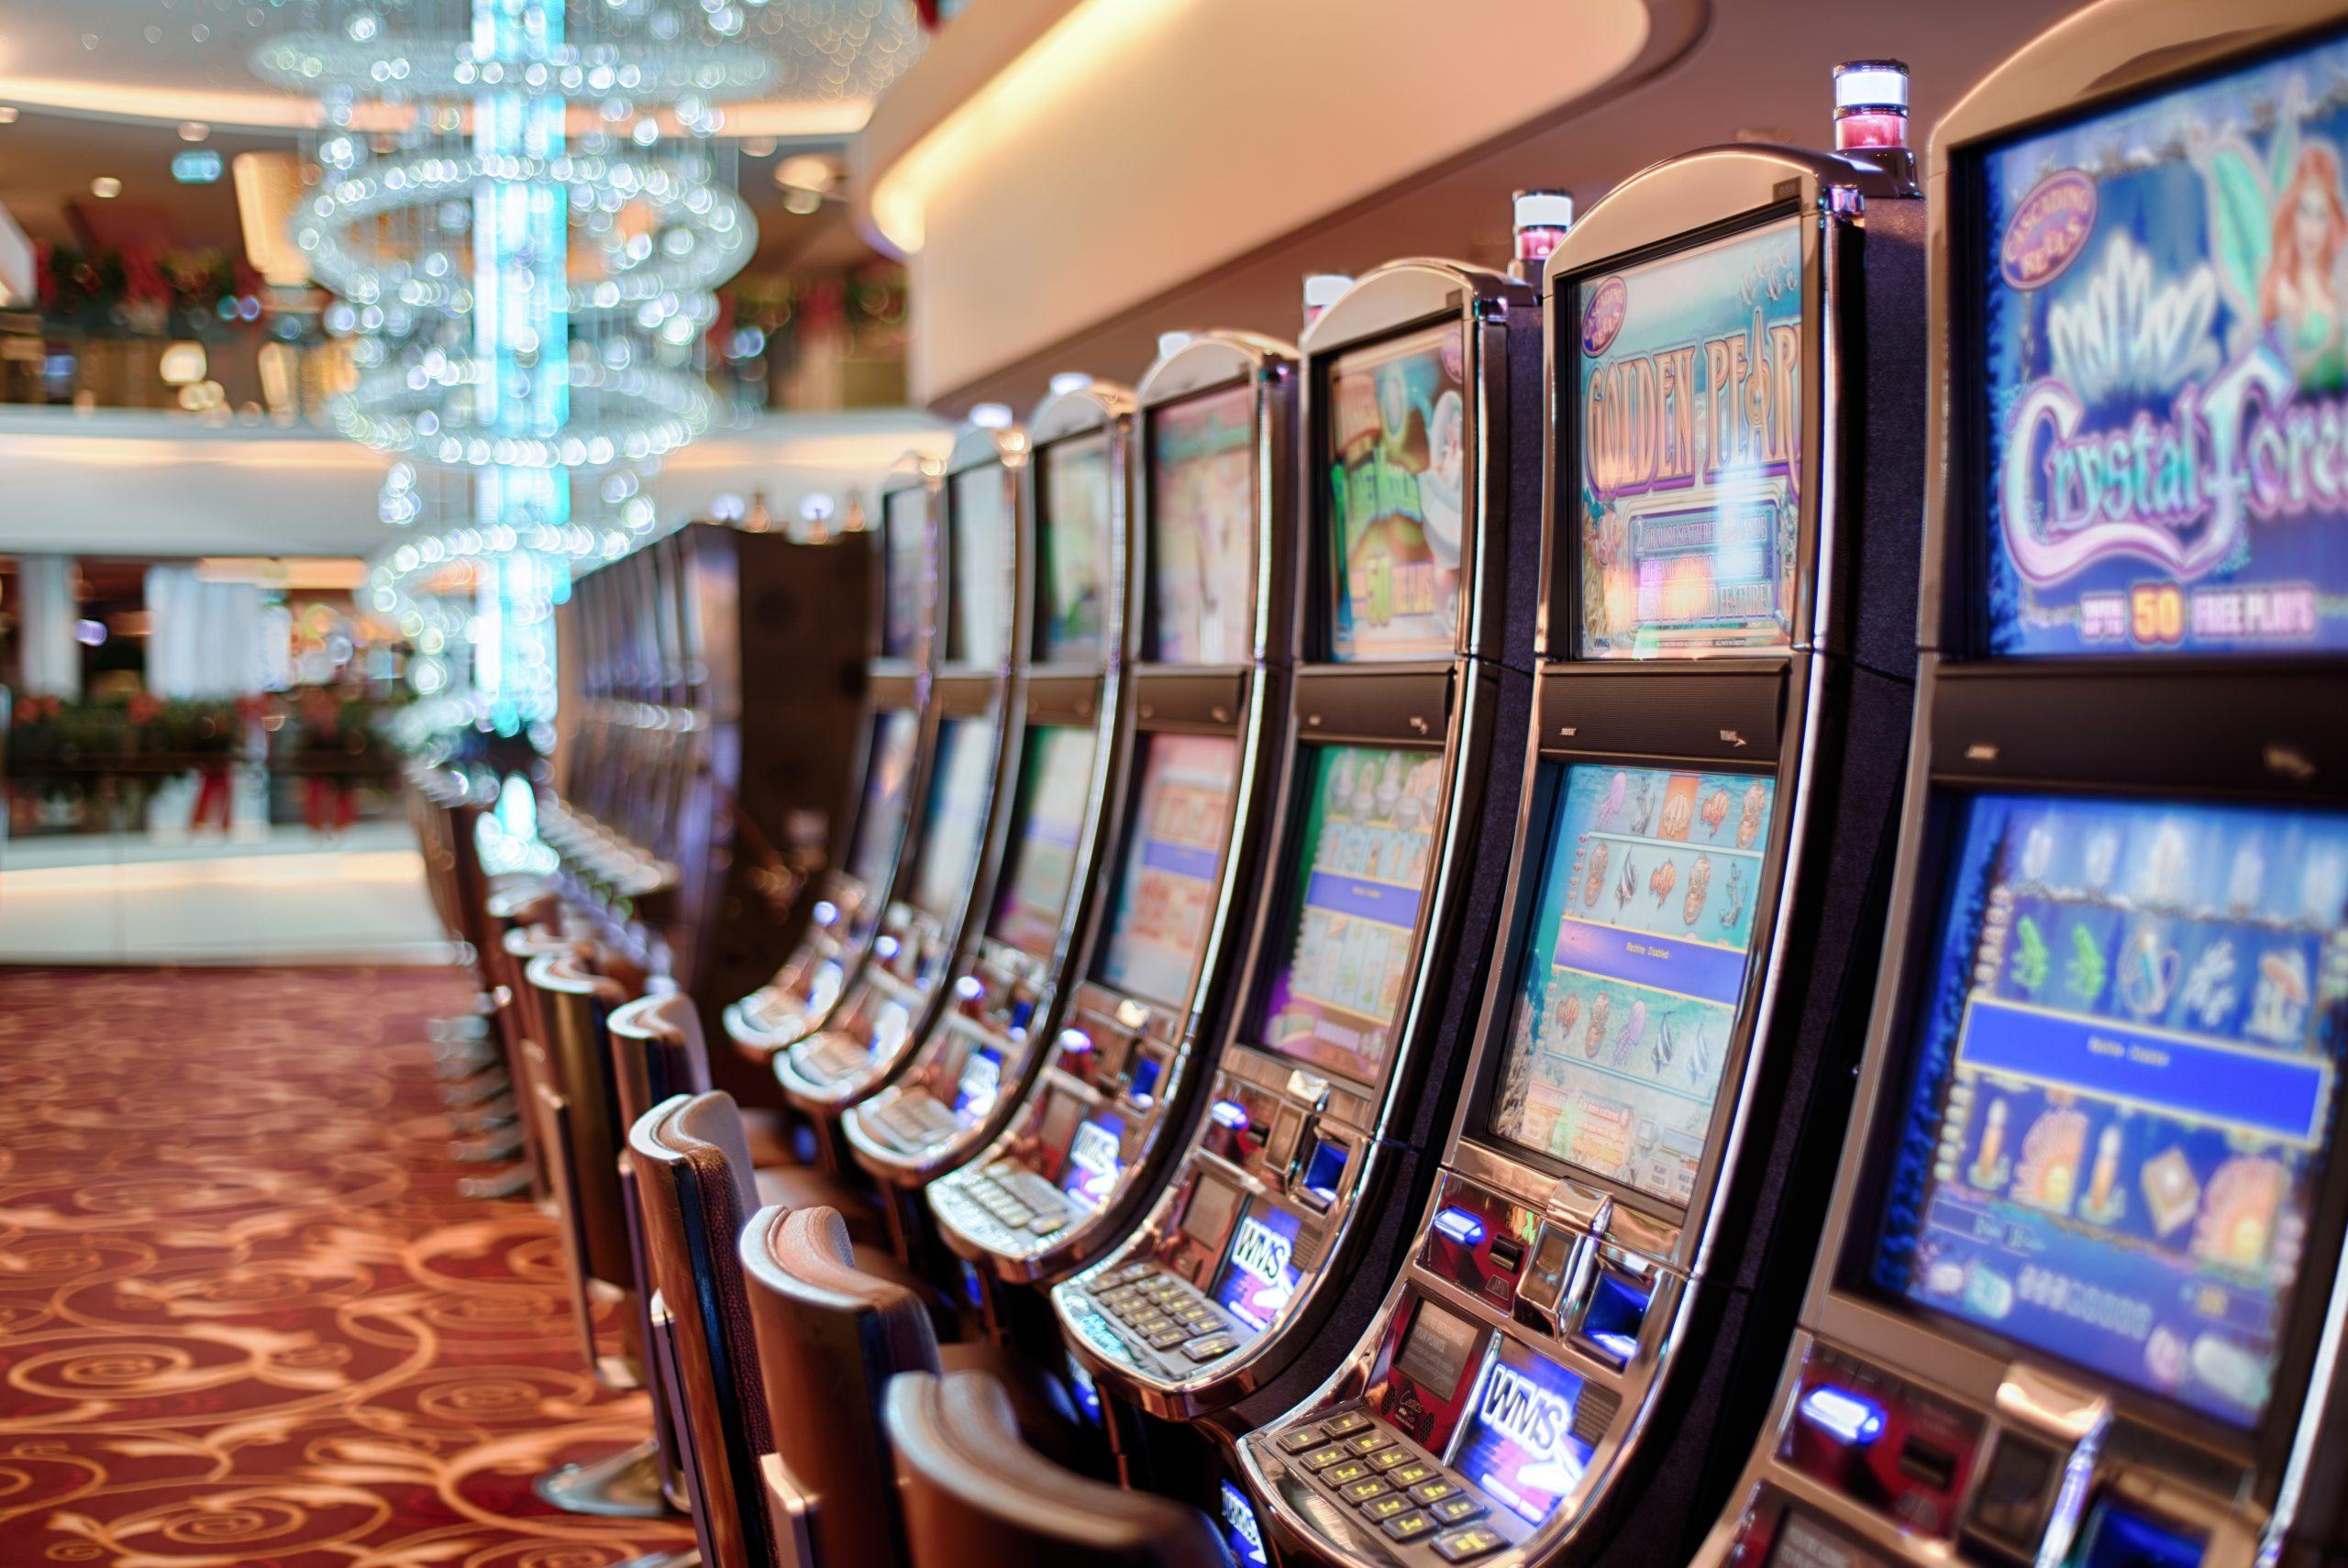 Planlegg et besøk i et casino på solkysten